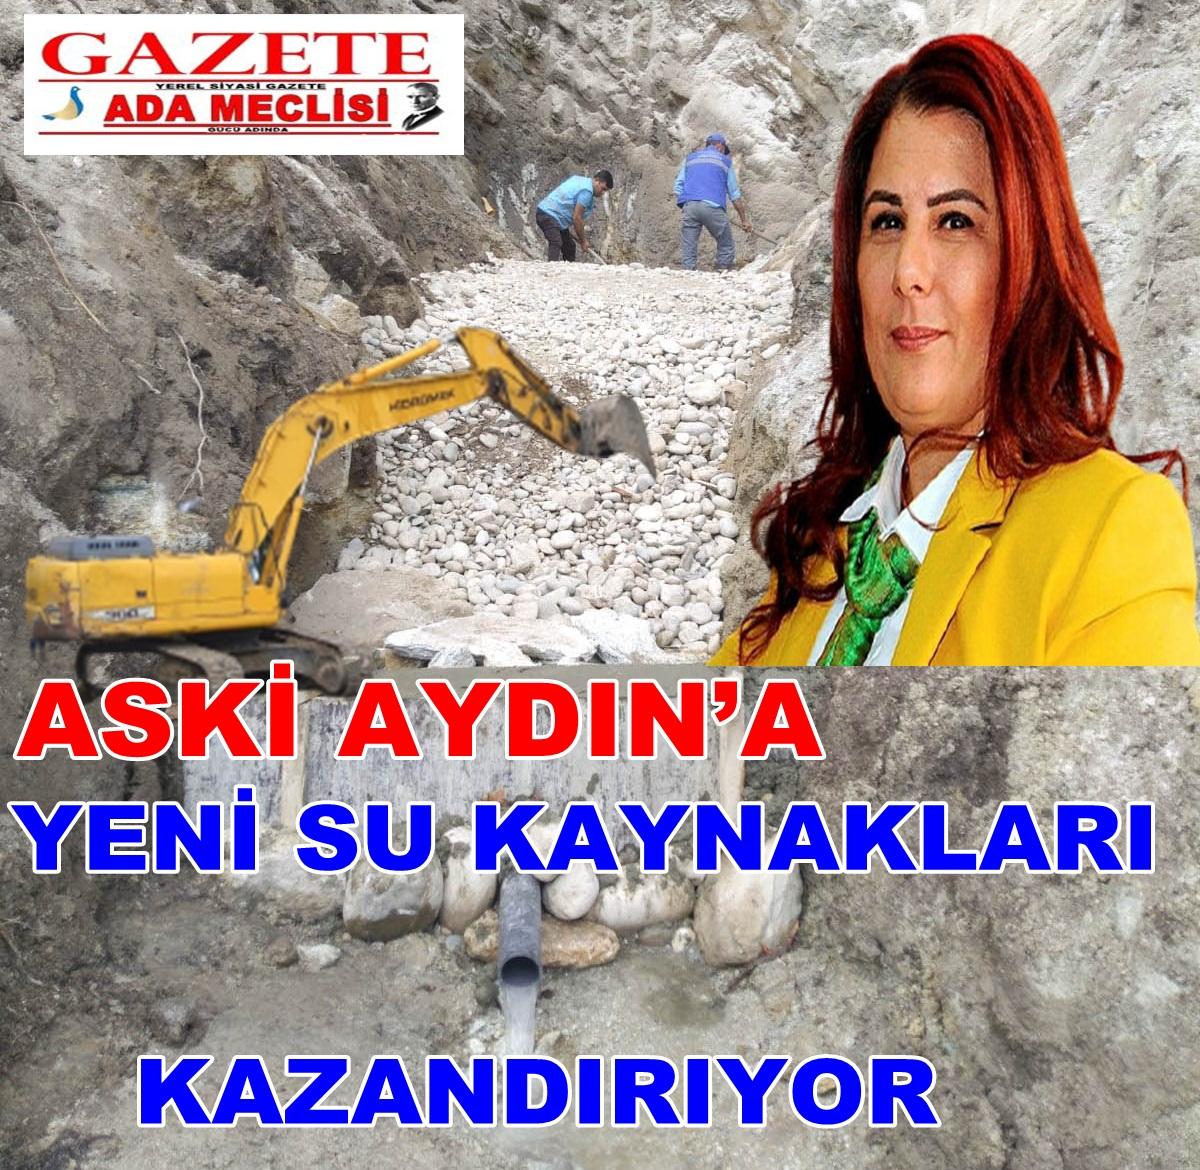 ASKİ AYDIN'A YENİ SU KAYNAKLARI KAZANDIRIYOR